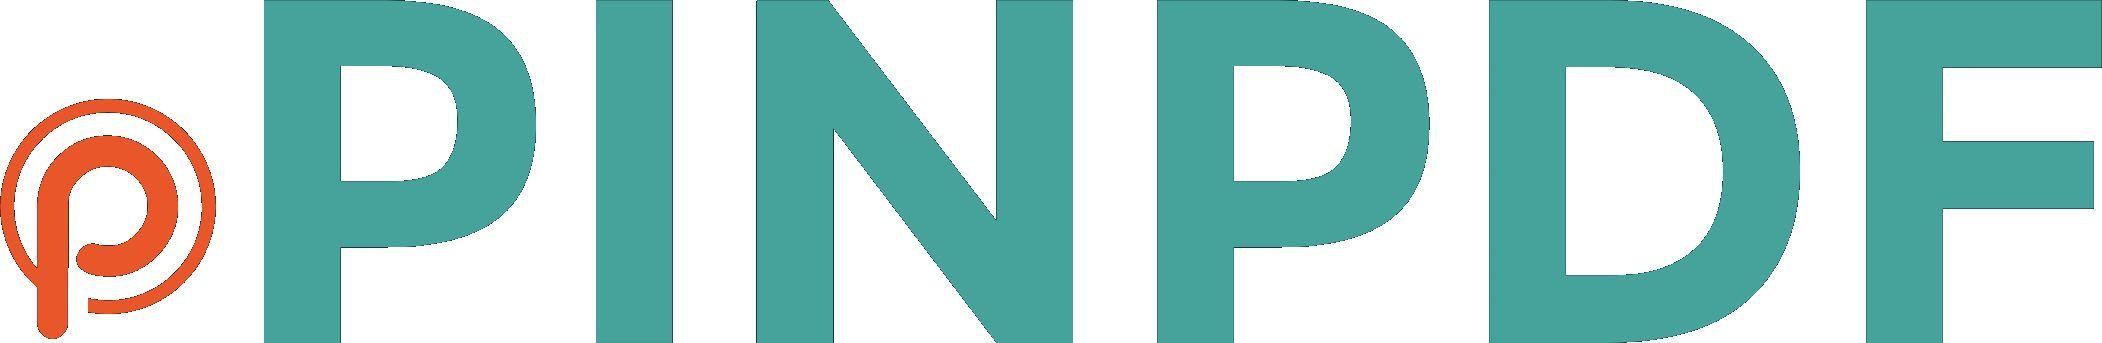 pinpdf logo png